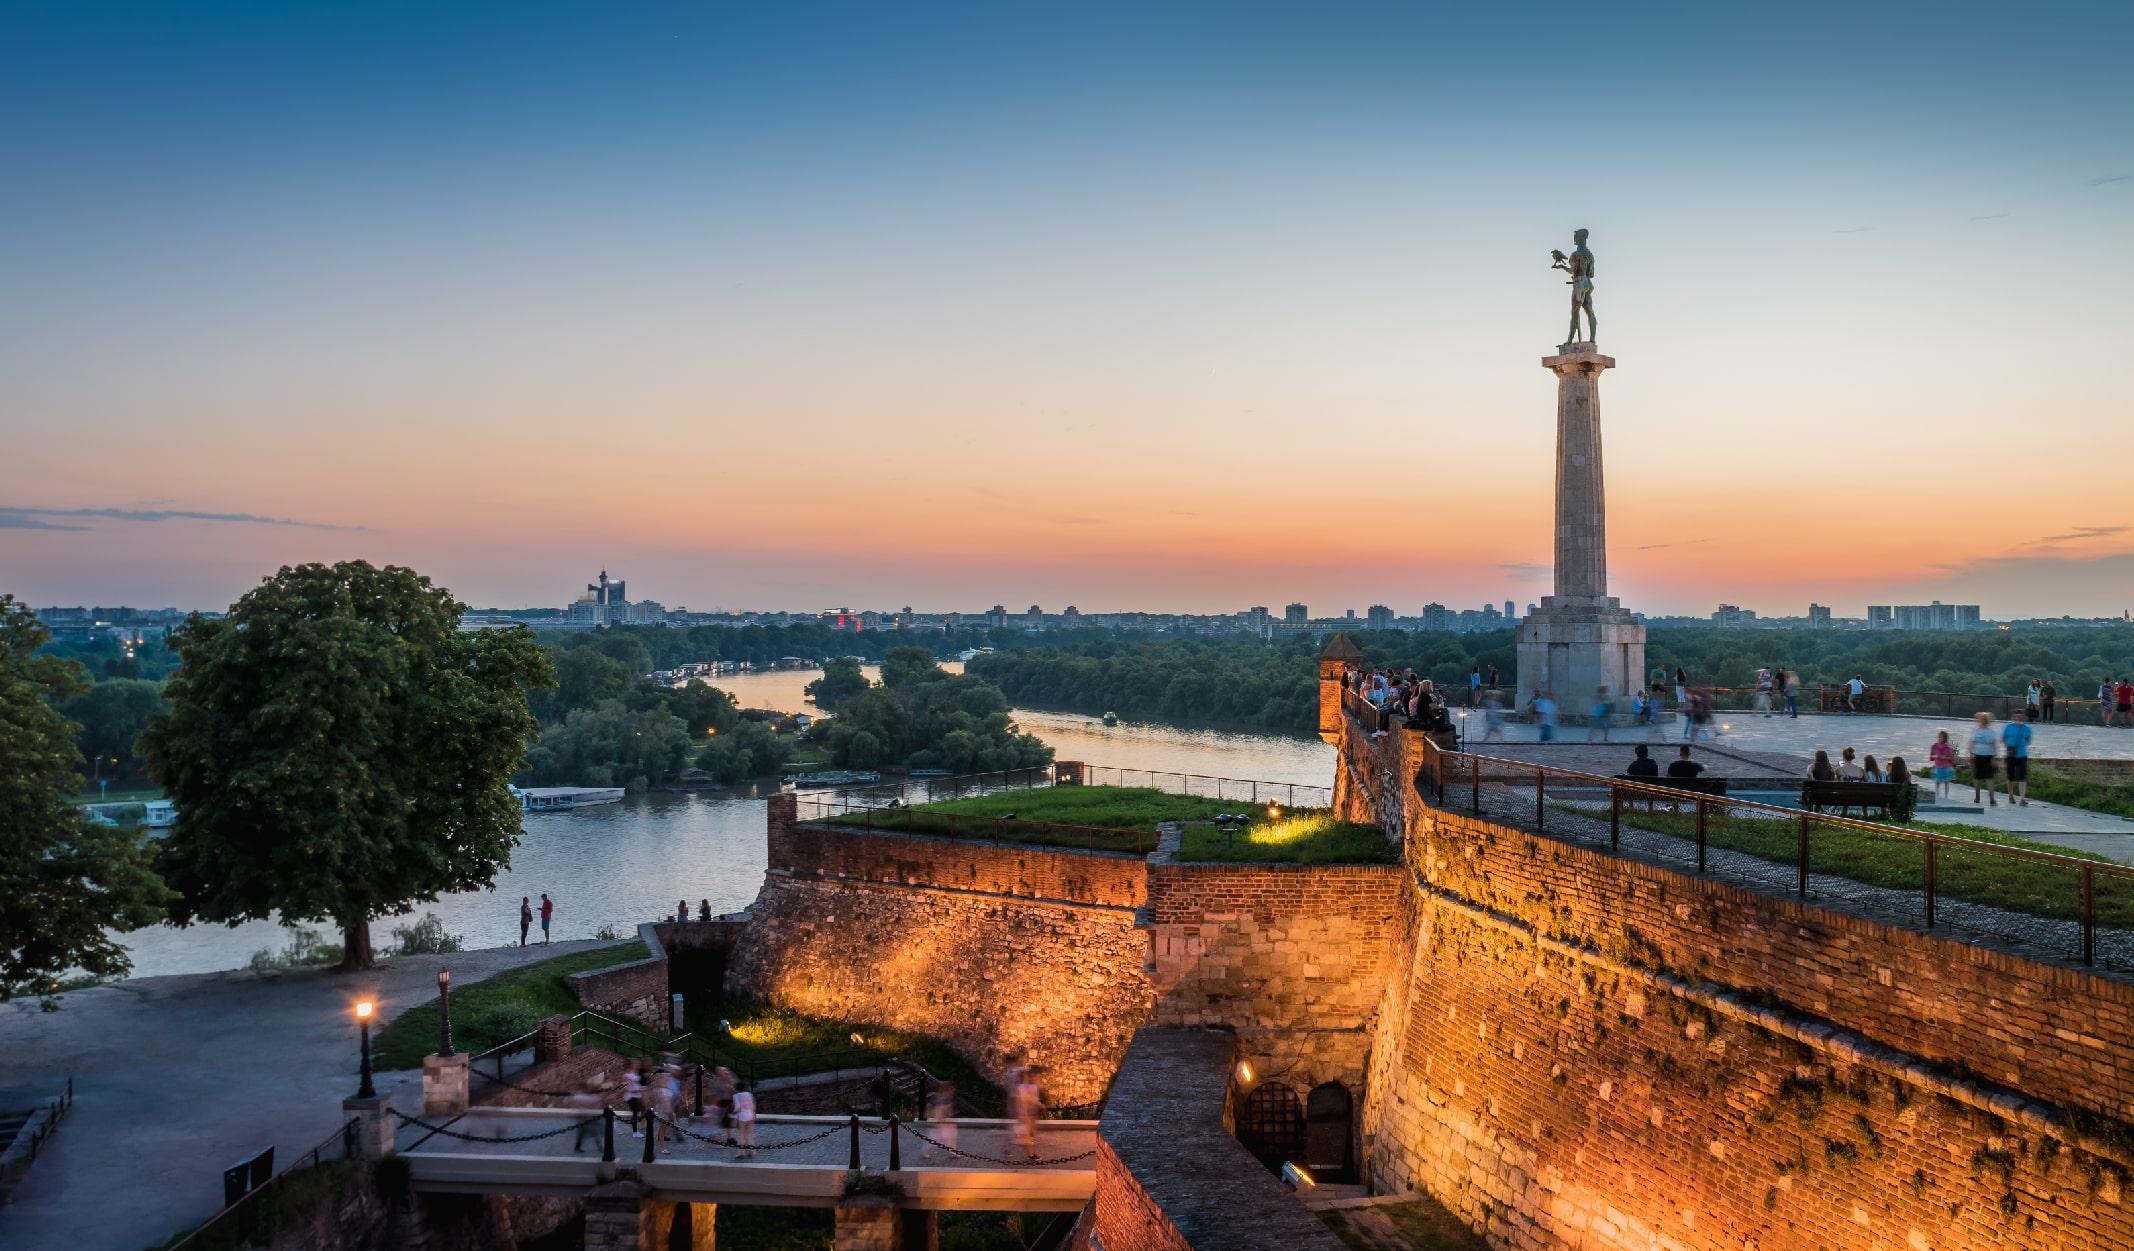 belgrad-03-min.jpg